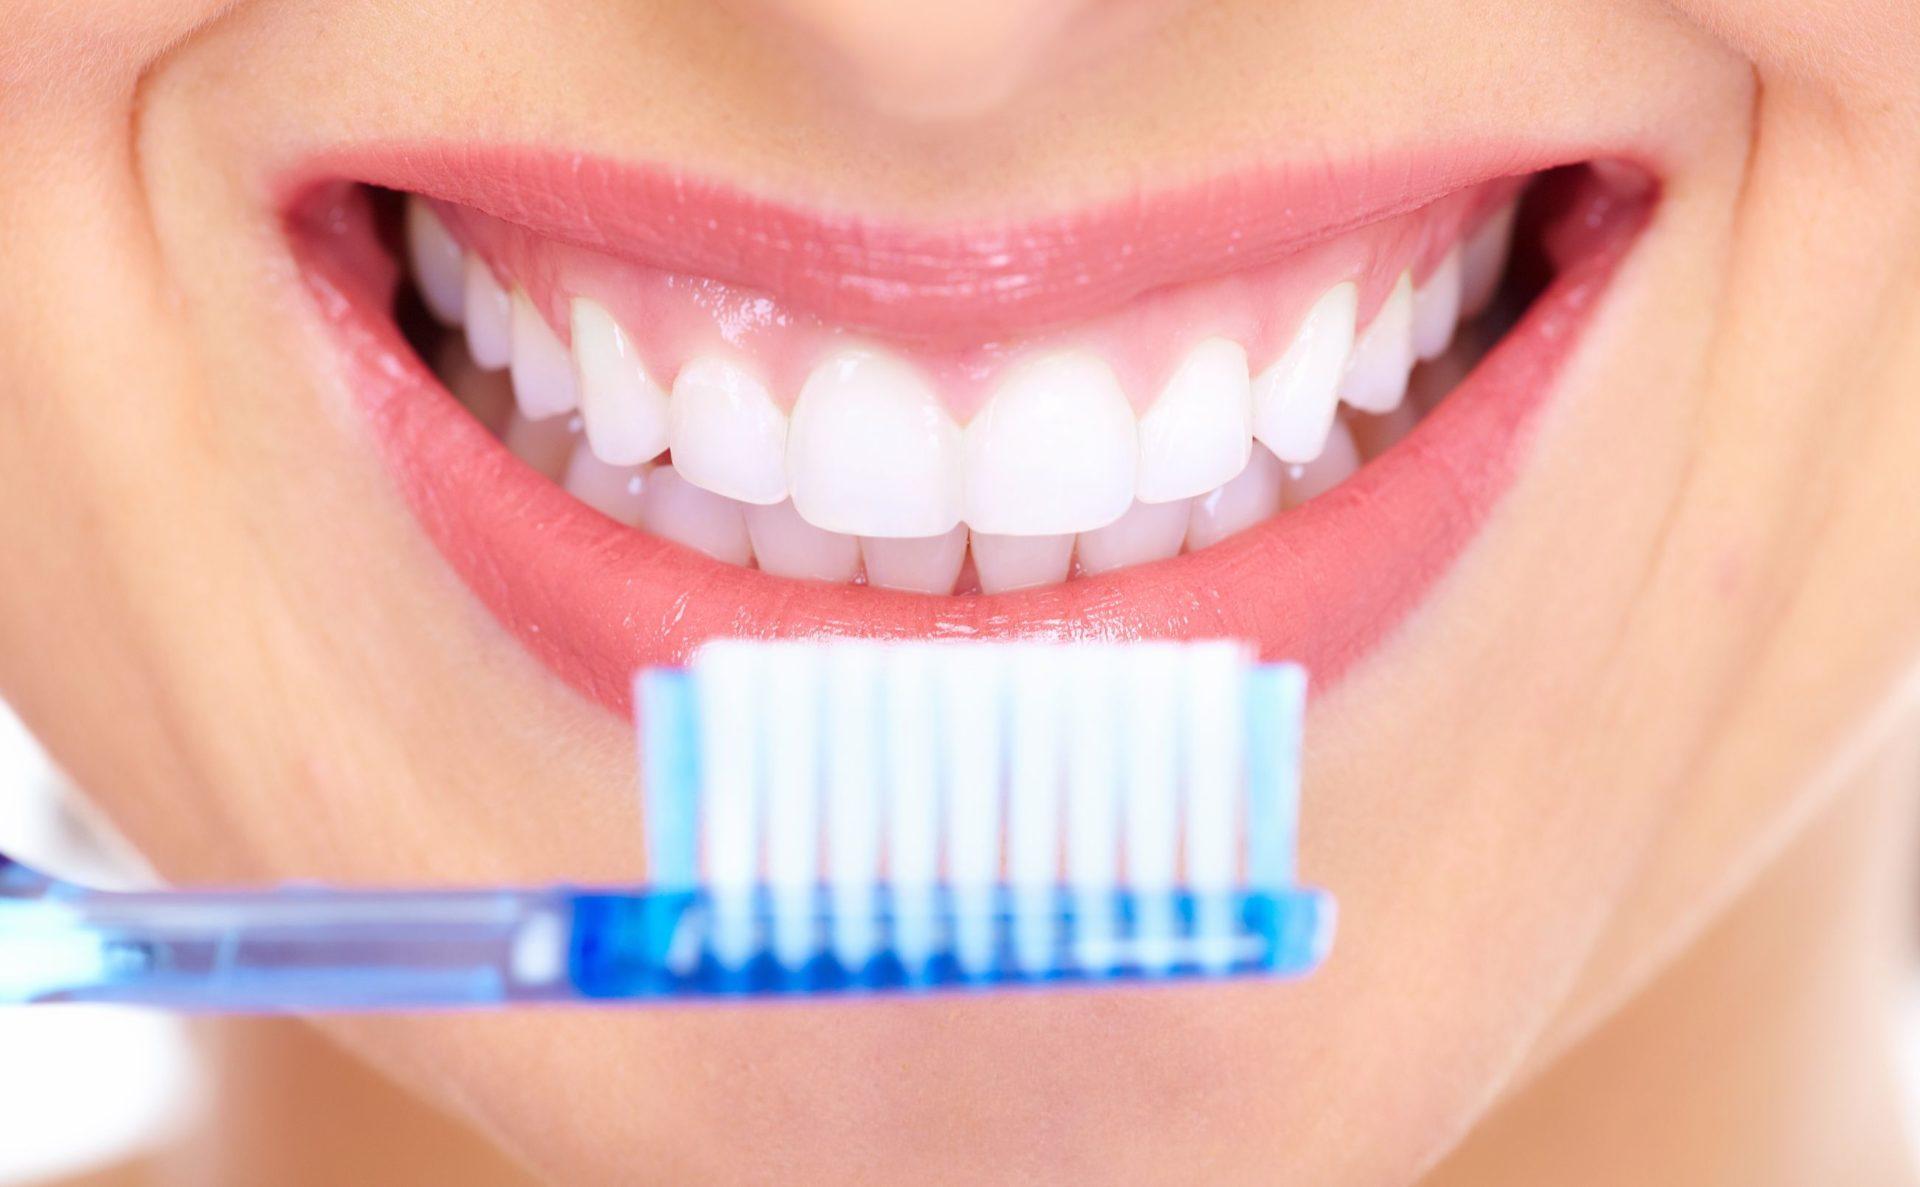 ¿Sabes cómo cepillar tus dientes adecuadamente?